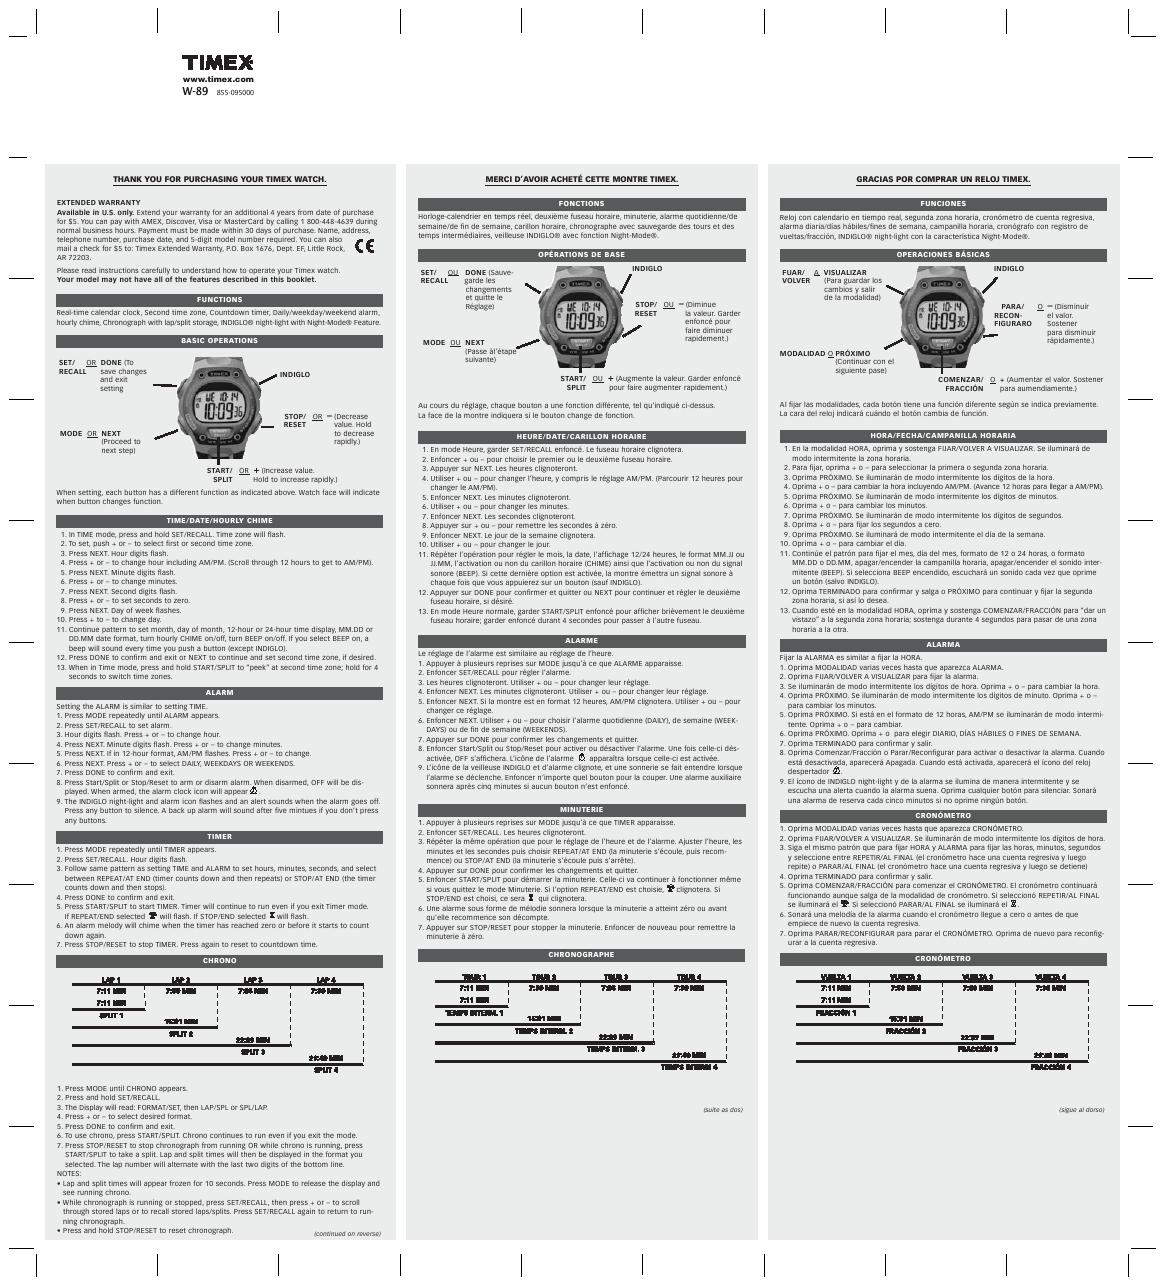 Инструкция К Часам Timex